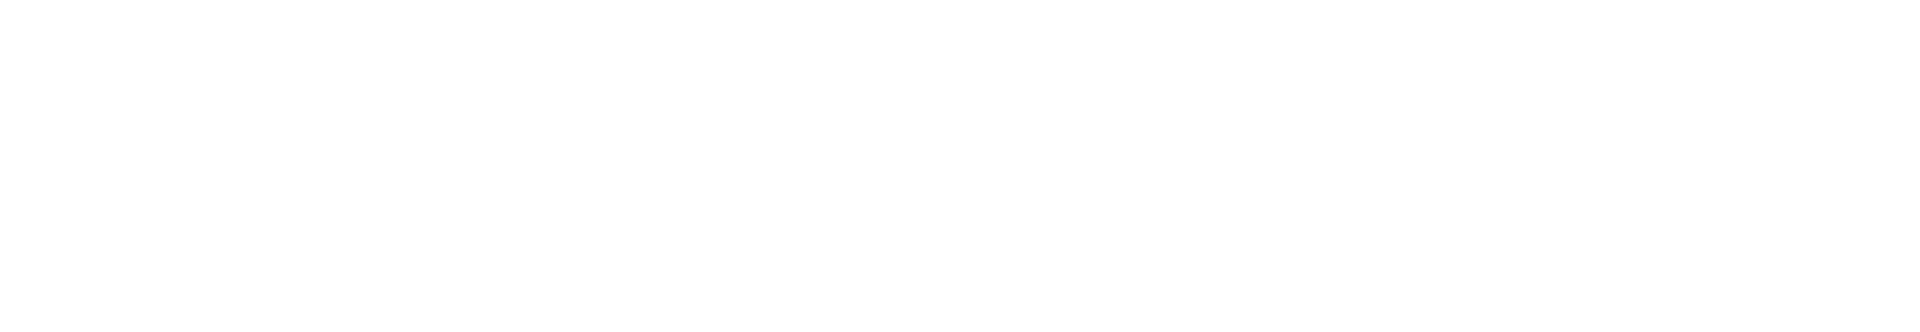 Schmuckelement Kurve unten